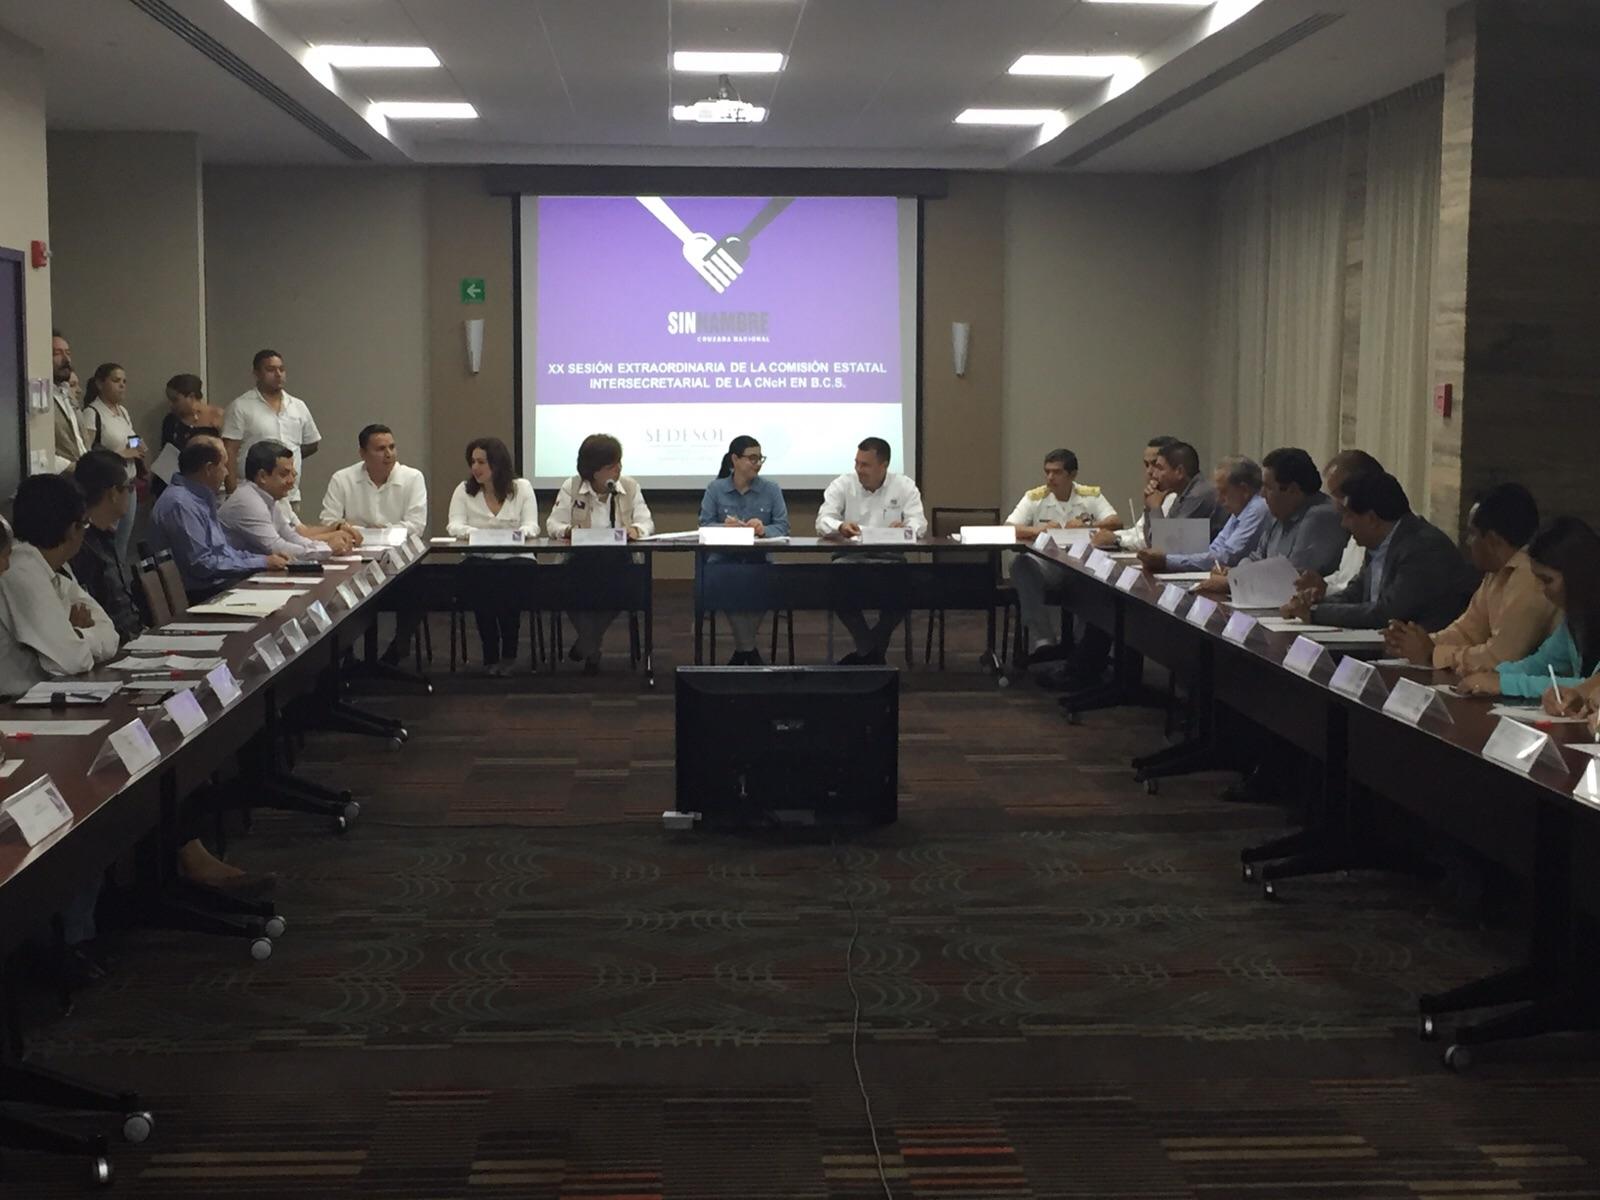 Foto 2 La subsecretaria Vanessa Rubio presidi  la Reuni n de la Comisi n Estatal Intersecretarial de la Cruzada Nacional contra el Hambre en Baja California Surjpg